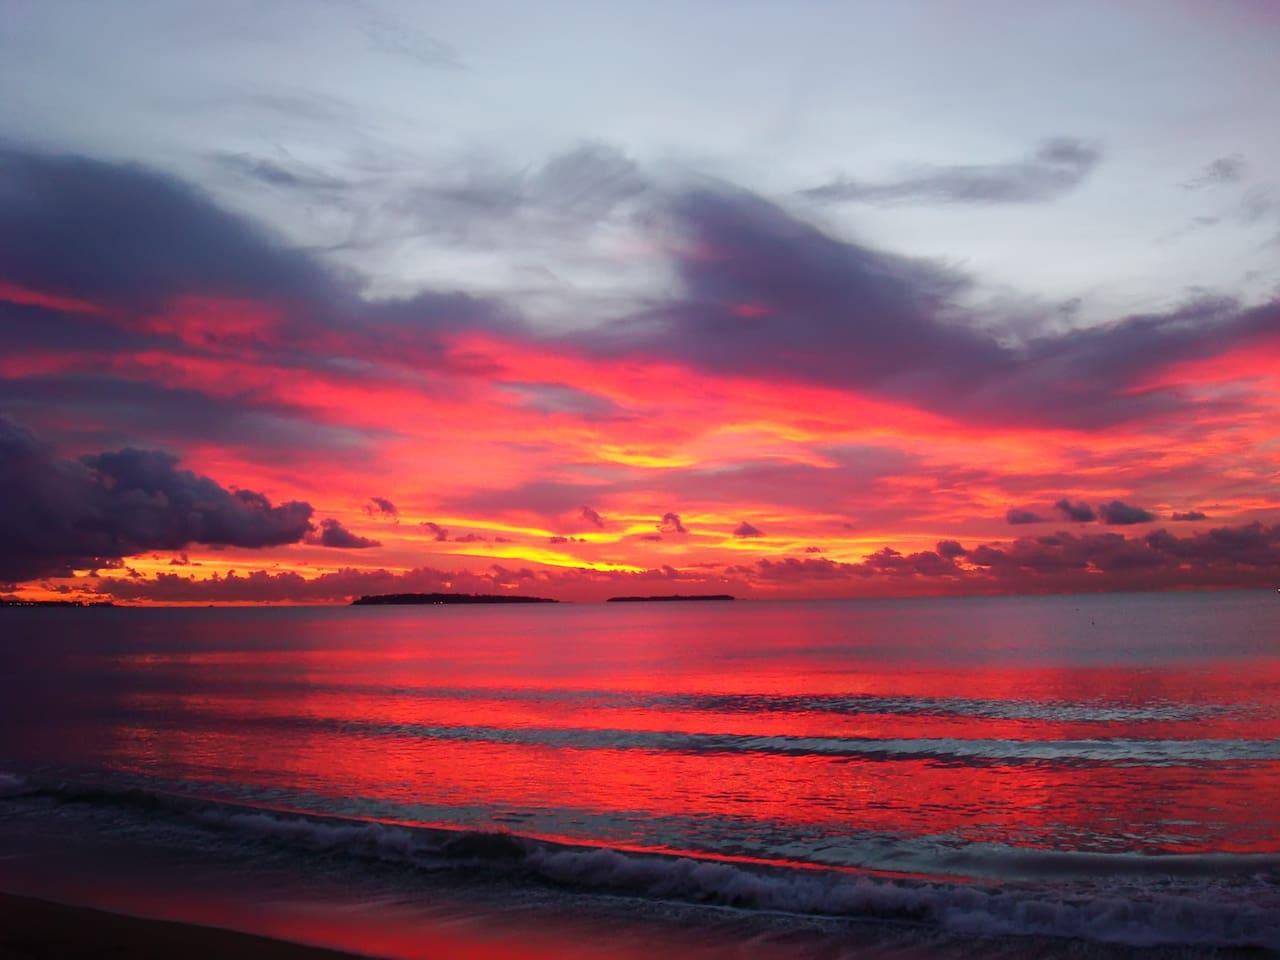 le coucher de soleil,